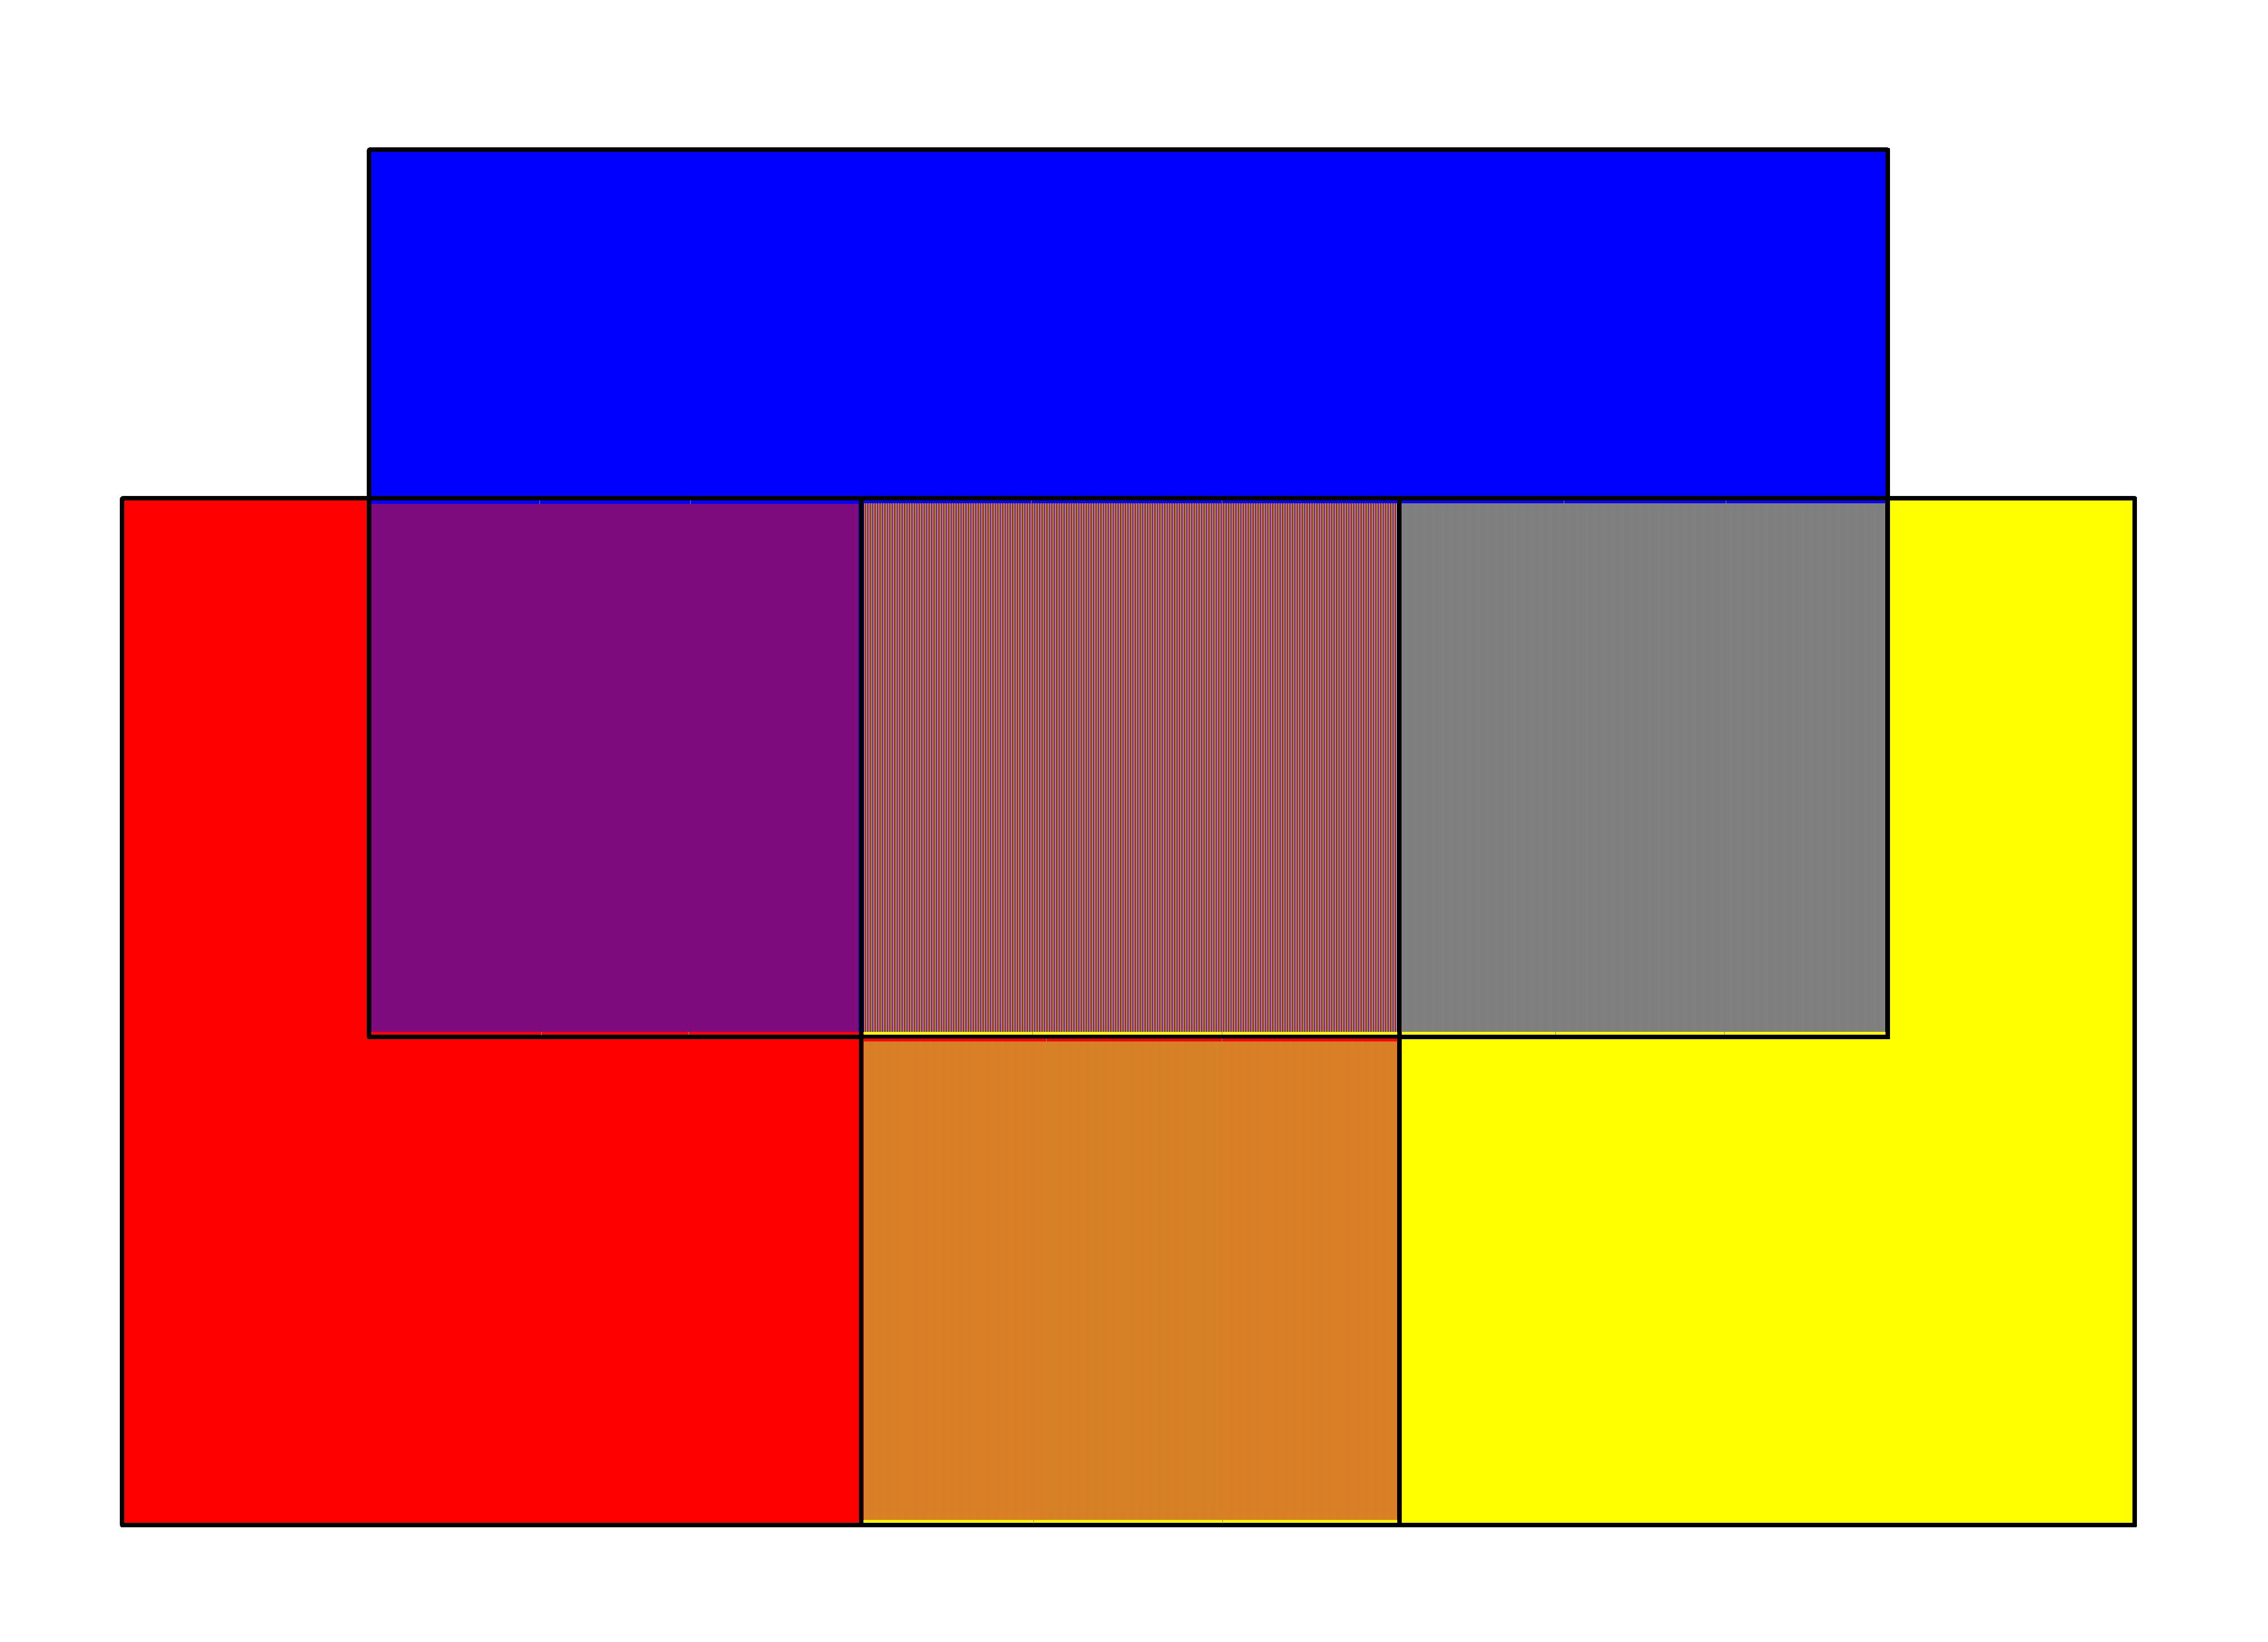 Mezcla de colores bienen alrrededor de fondos comparativa de colores con sus porcentajes - Mezcla de colores para pintar ...